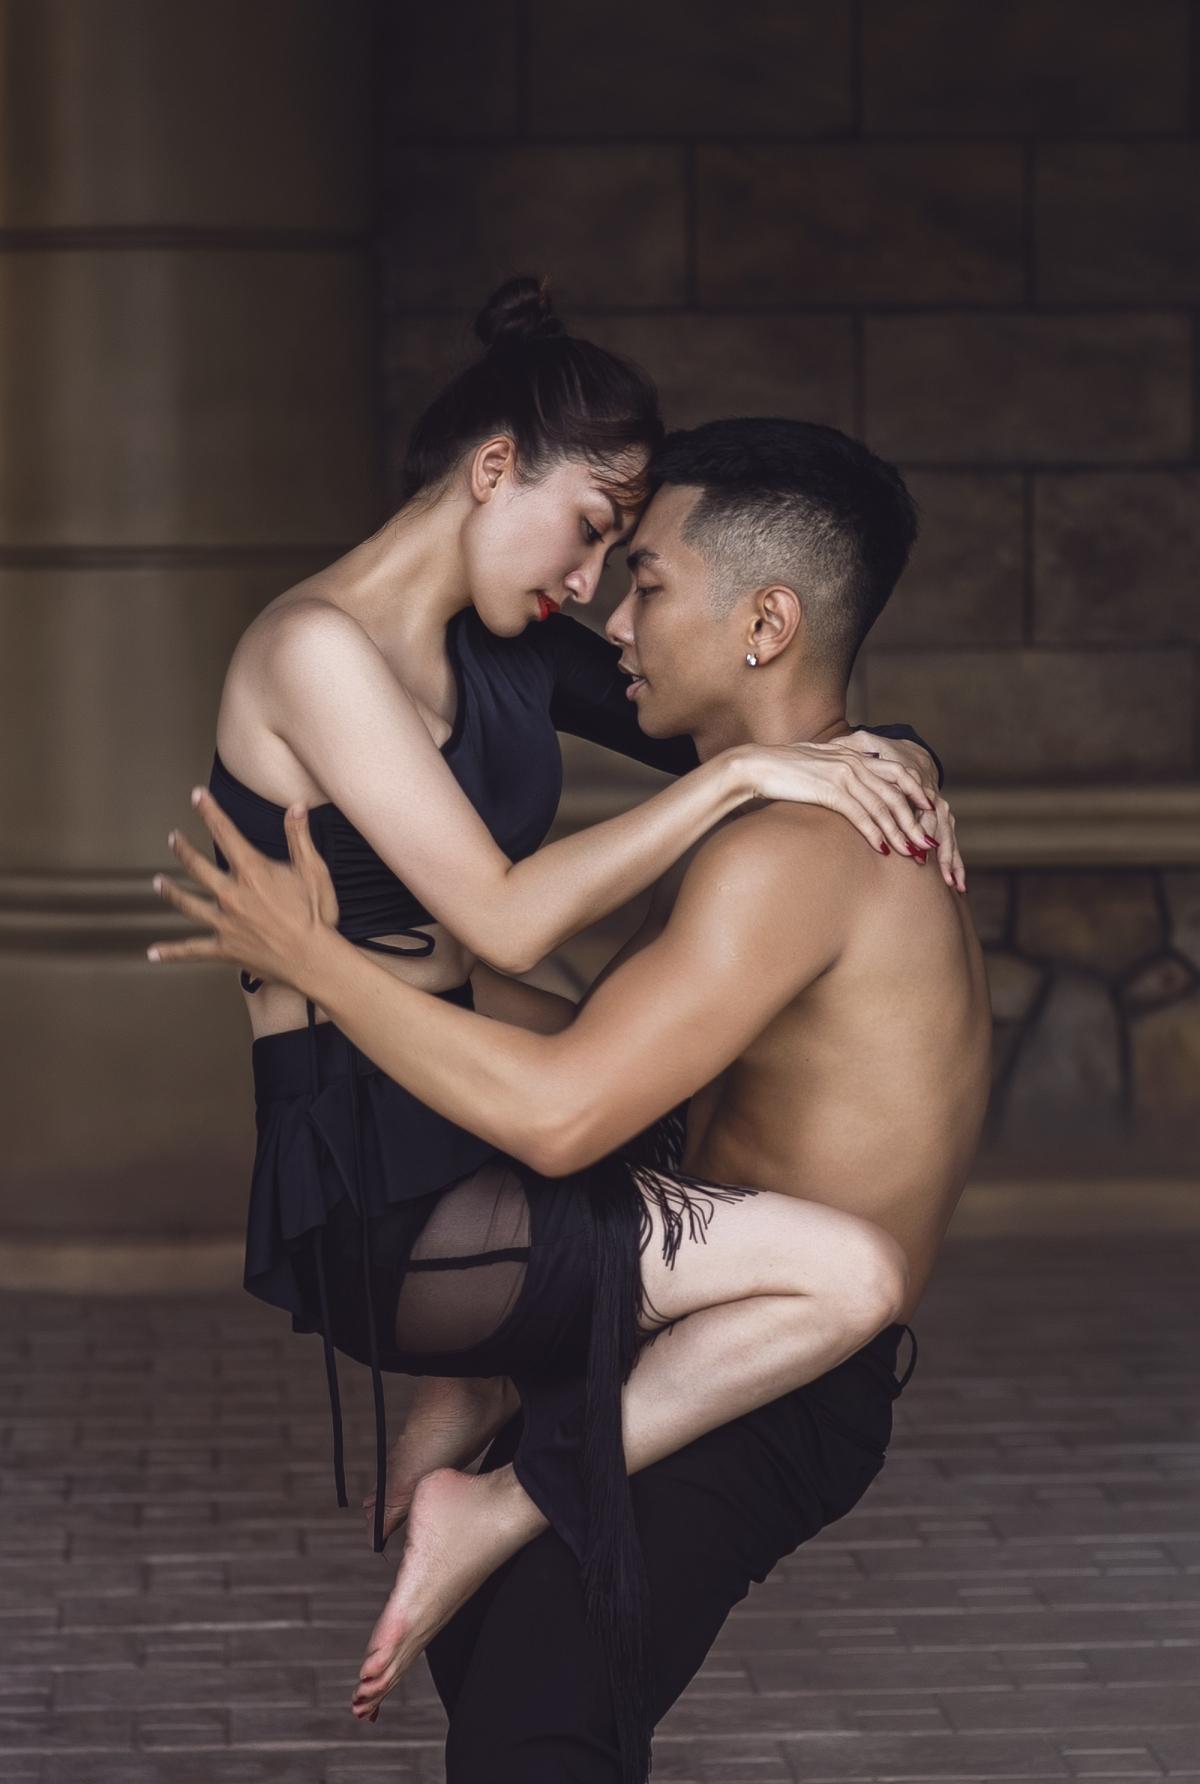 Là một cô giáo, huấn luyện viên dancesport khó tính và kỹ tính, Khánh Thi theo sát sự nghiệp vận động viên của ông xã từ khi anh mới là chàng thanh niên 16 tuổi. Cô giúp anh rèn luyện, khắc phục những điểm yếu và phát huy thế mạnh ở bộ môn khiêu vũ thể thao.